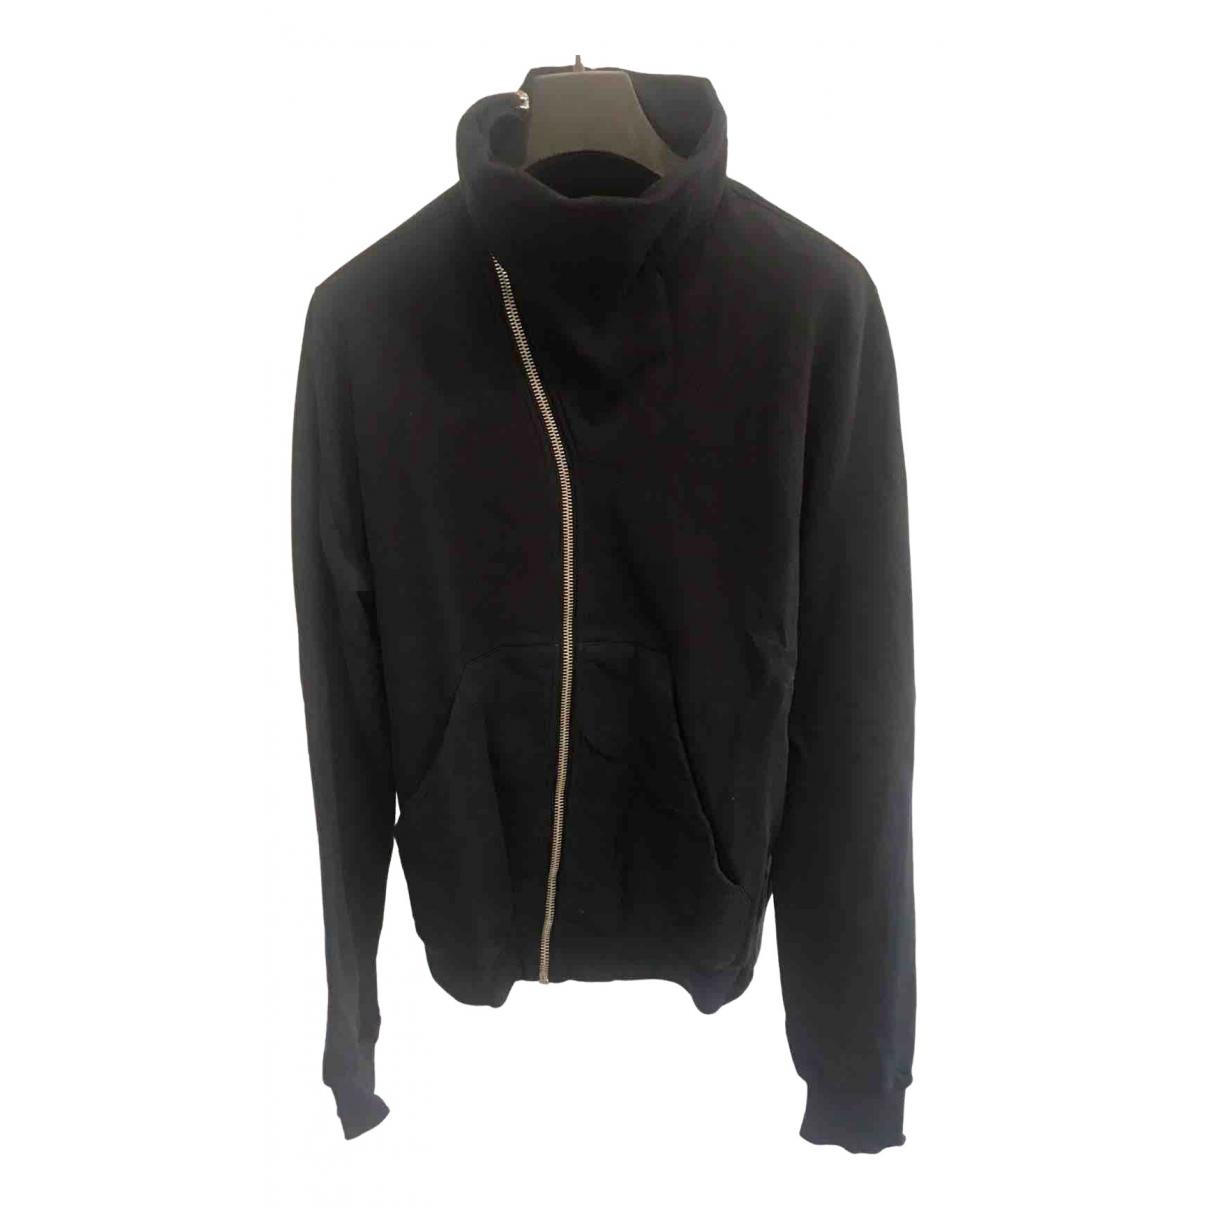 Rick Owens Drkshdw \N Black Cotton jacket  for Men L International